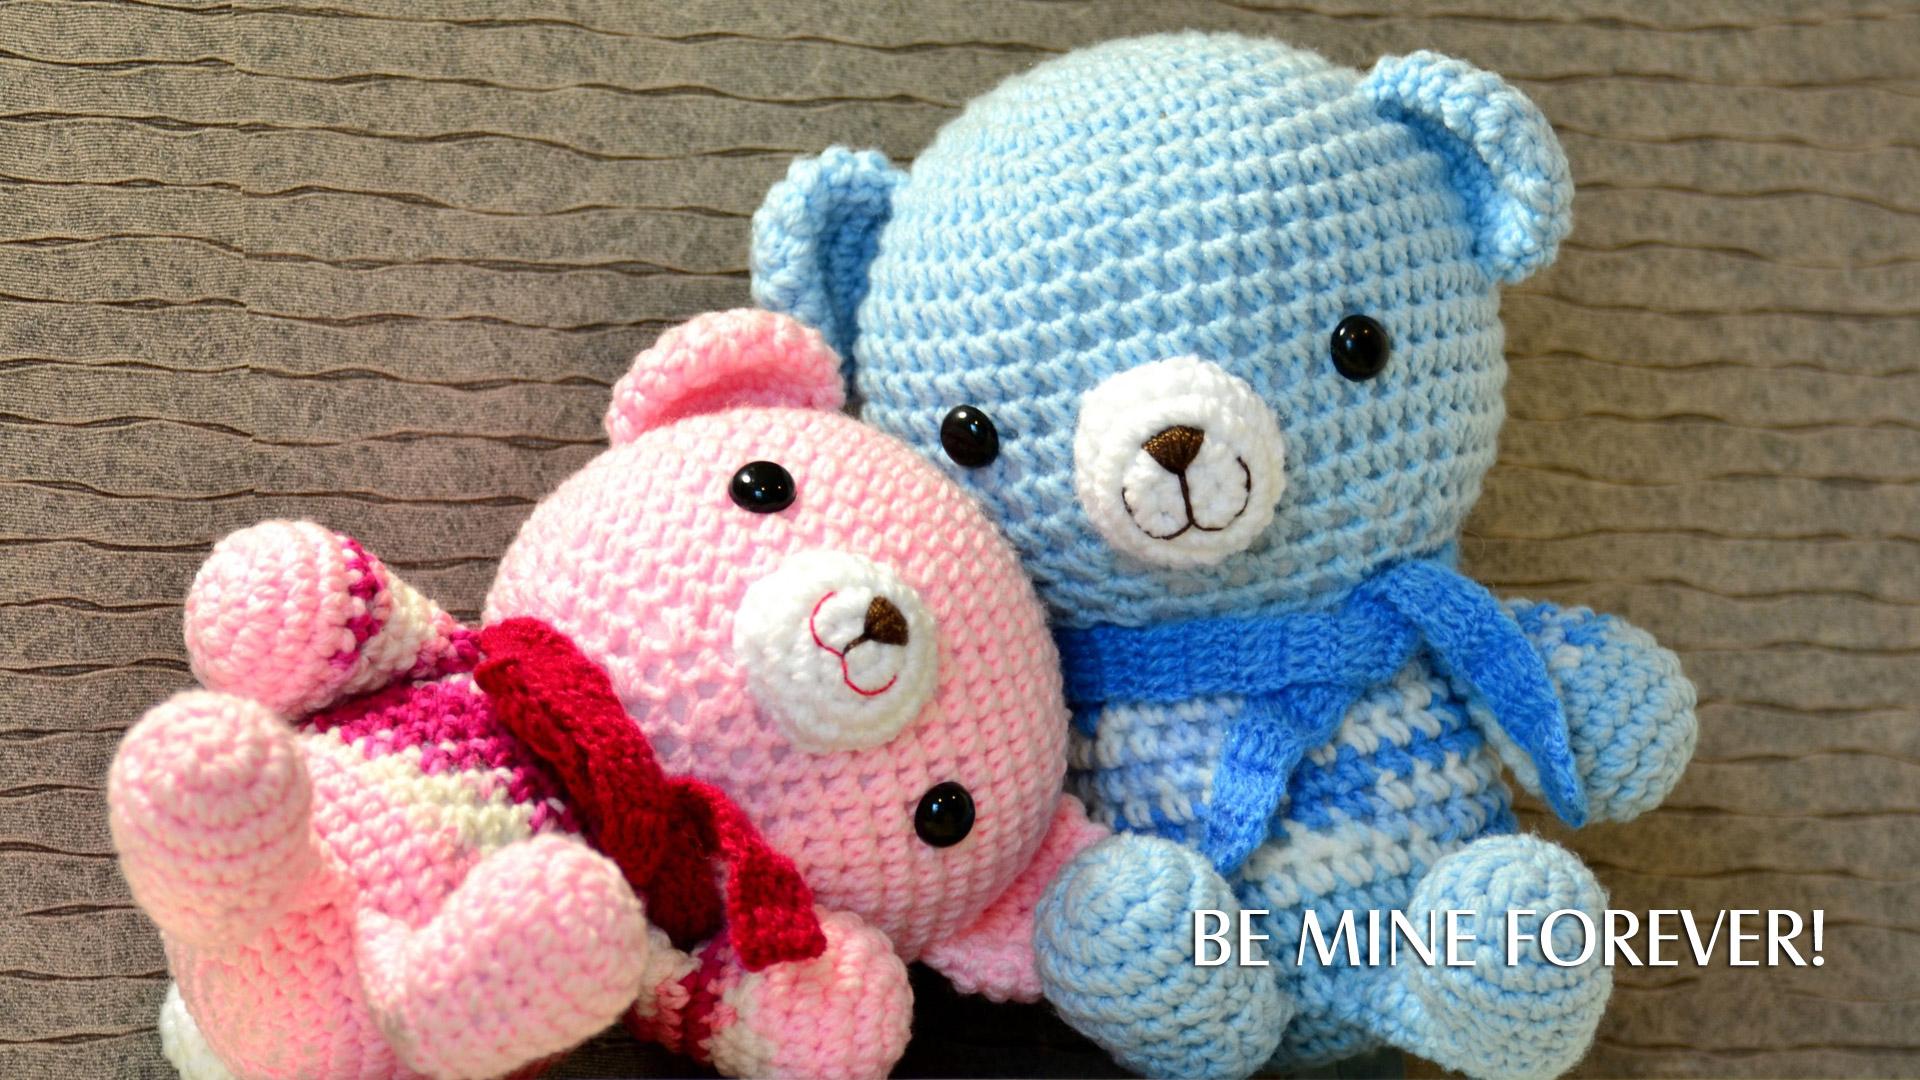 20 Full Size Cute Teddy Bears HD Wallpapers 1920x1080